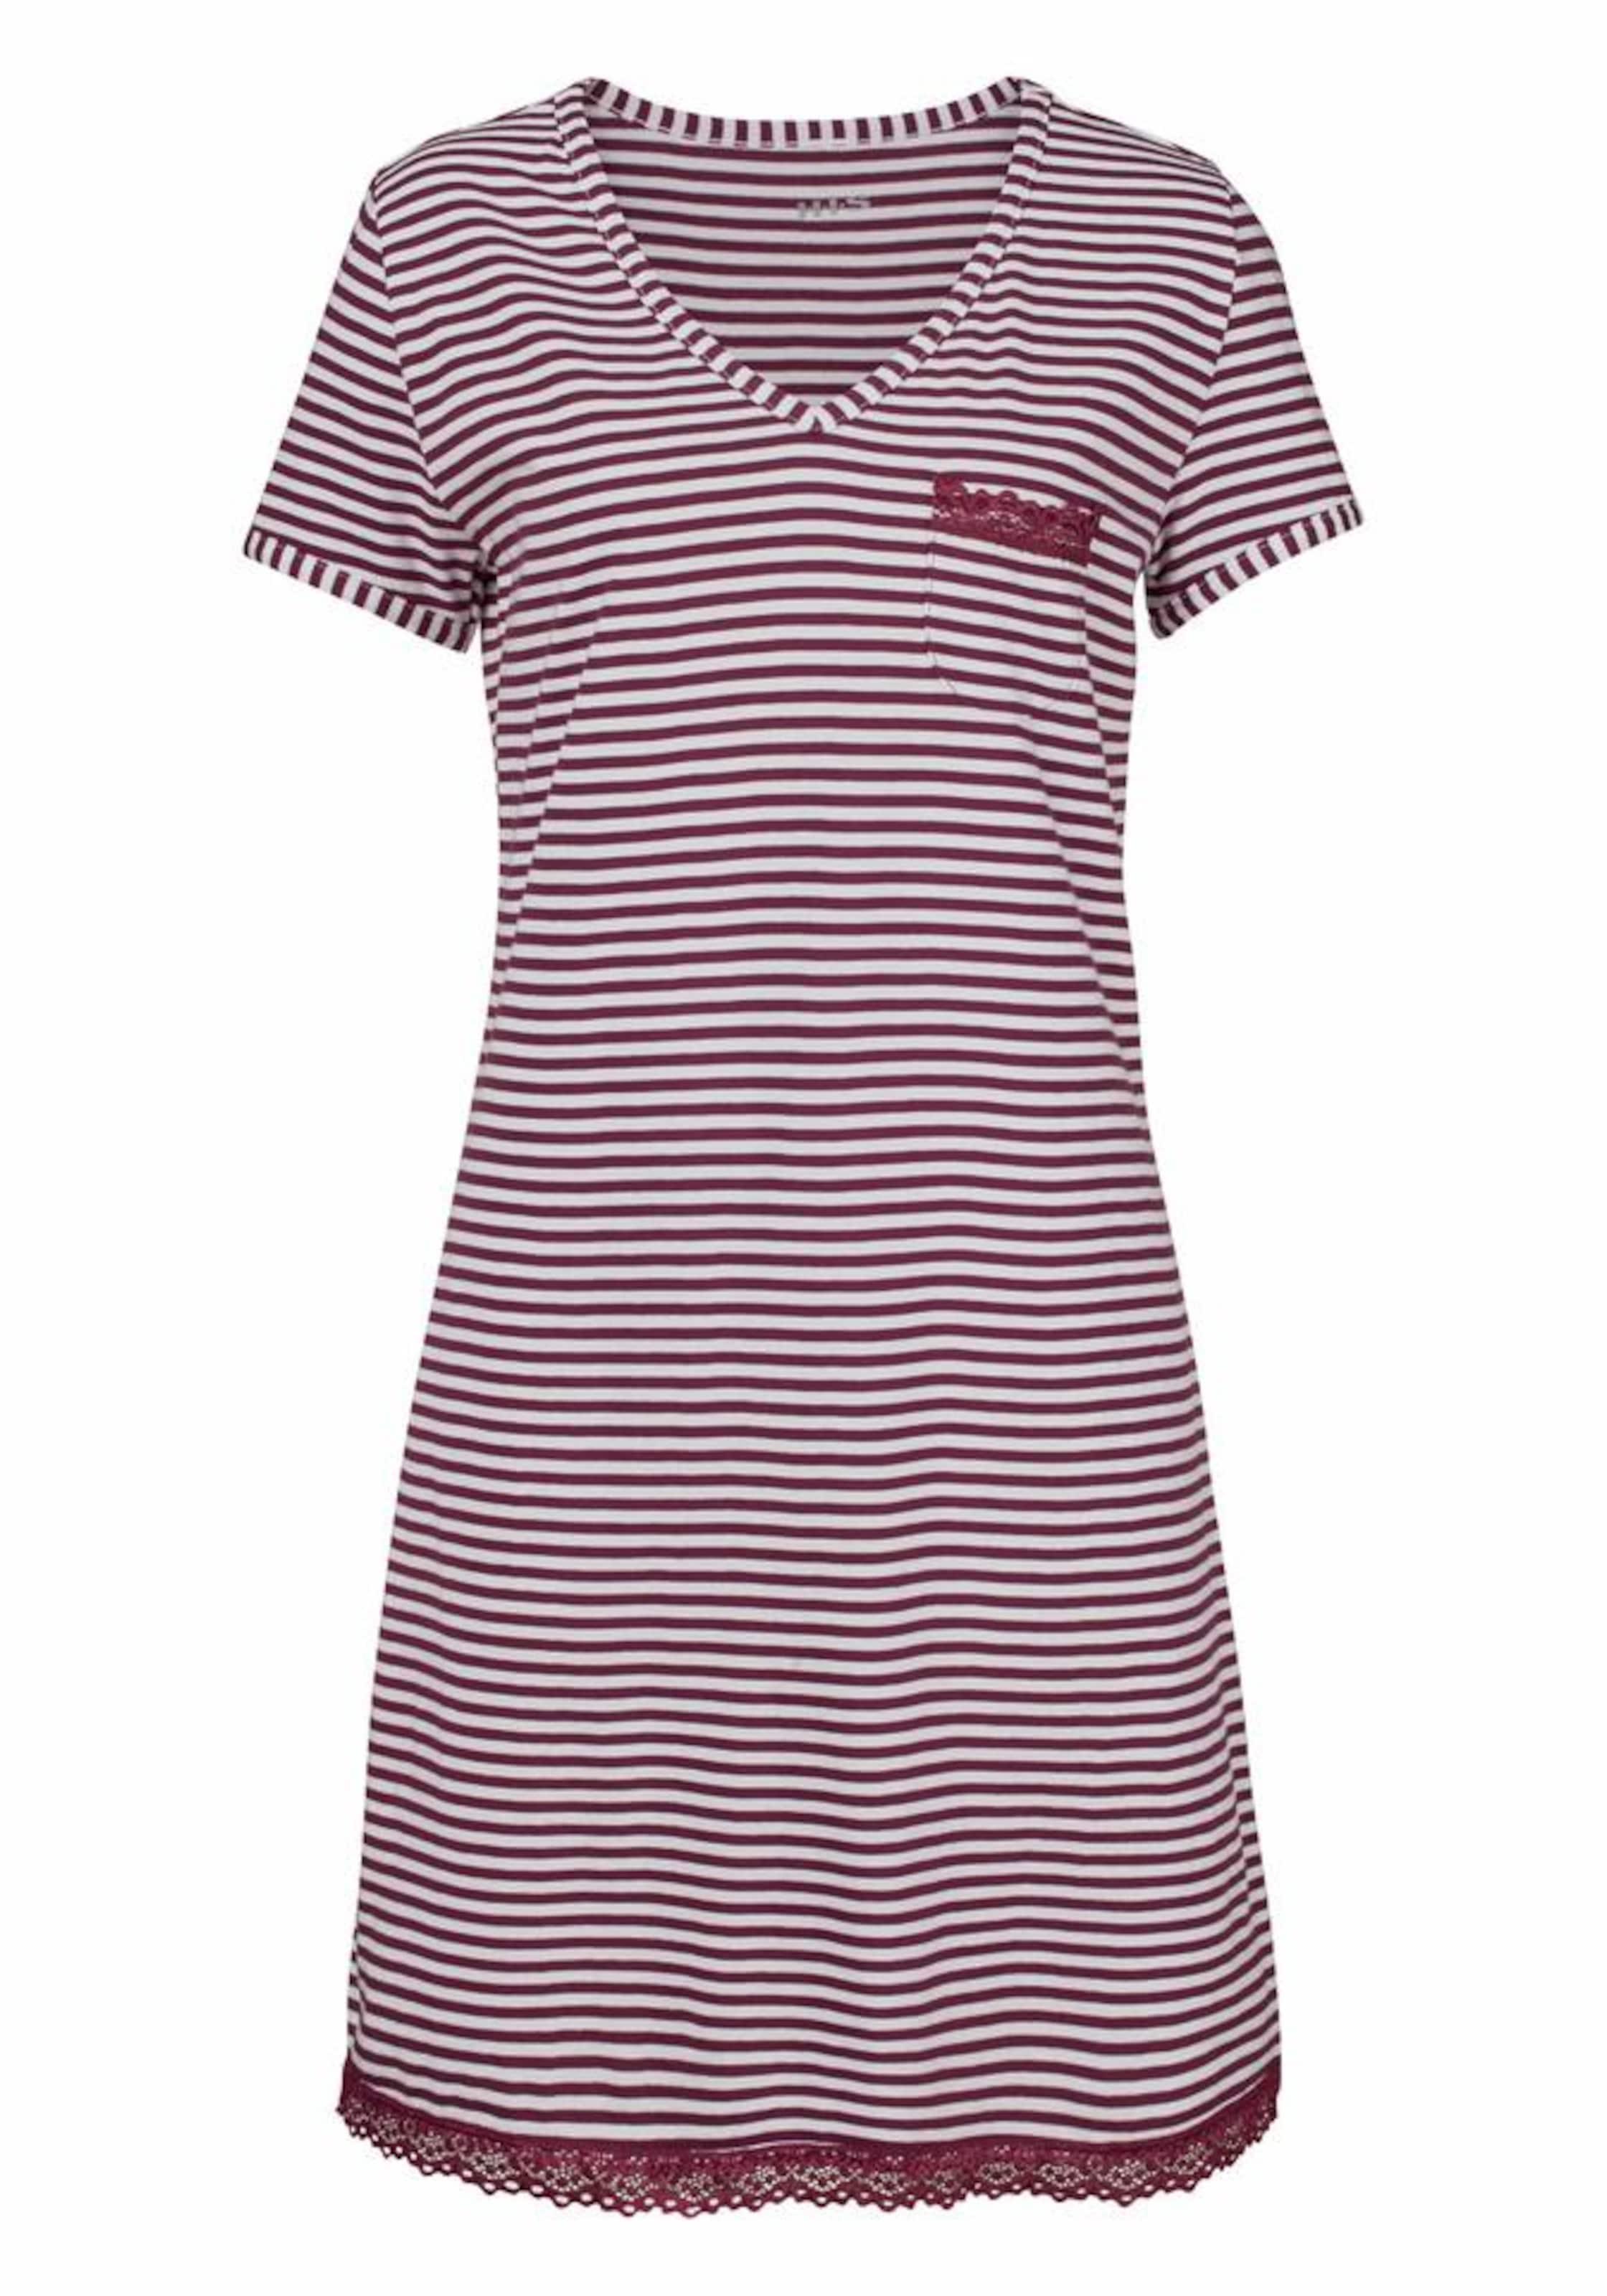 Nachthemd Mit BordeauxWeiß Geringeltes s Spitzendetails H i In rdCBoeWQx